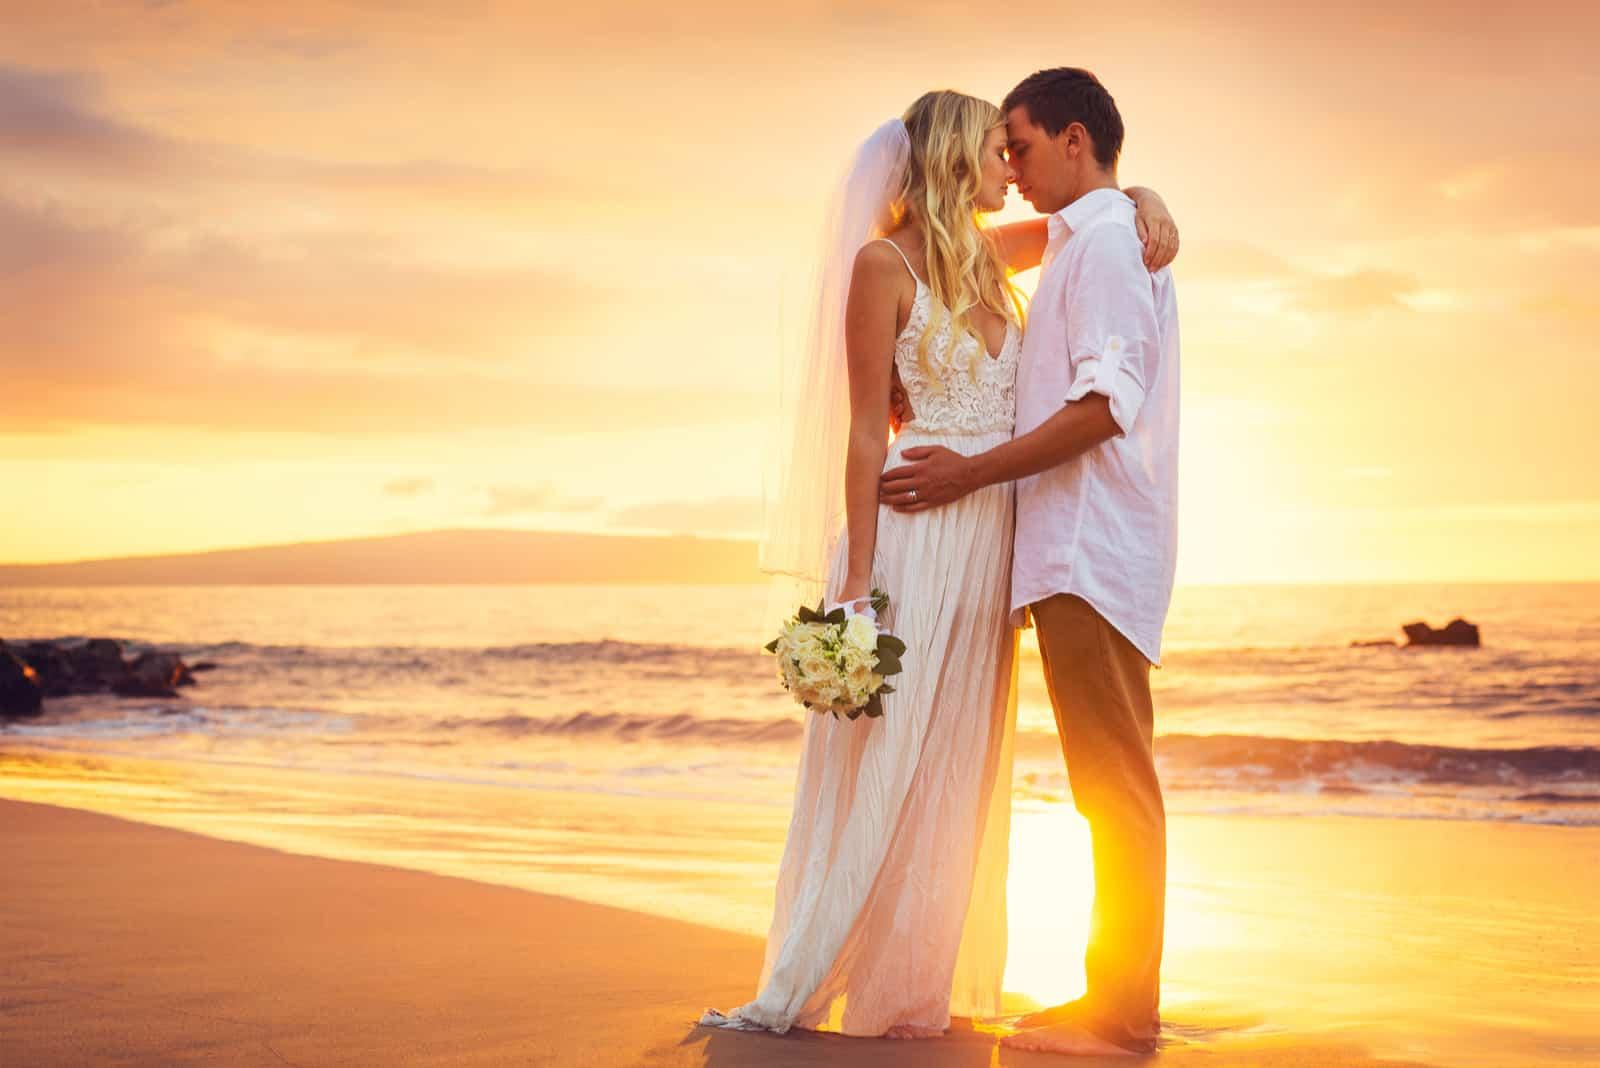 Braut und Bräutigam an einem wunderschönen tropischen Strand